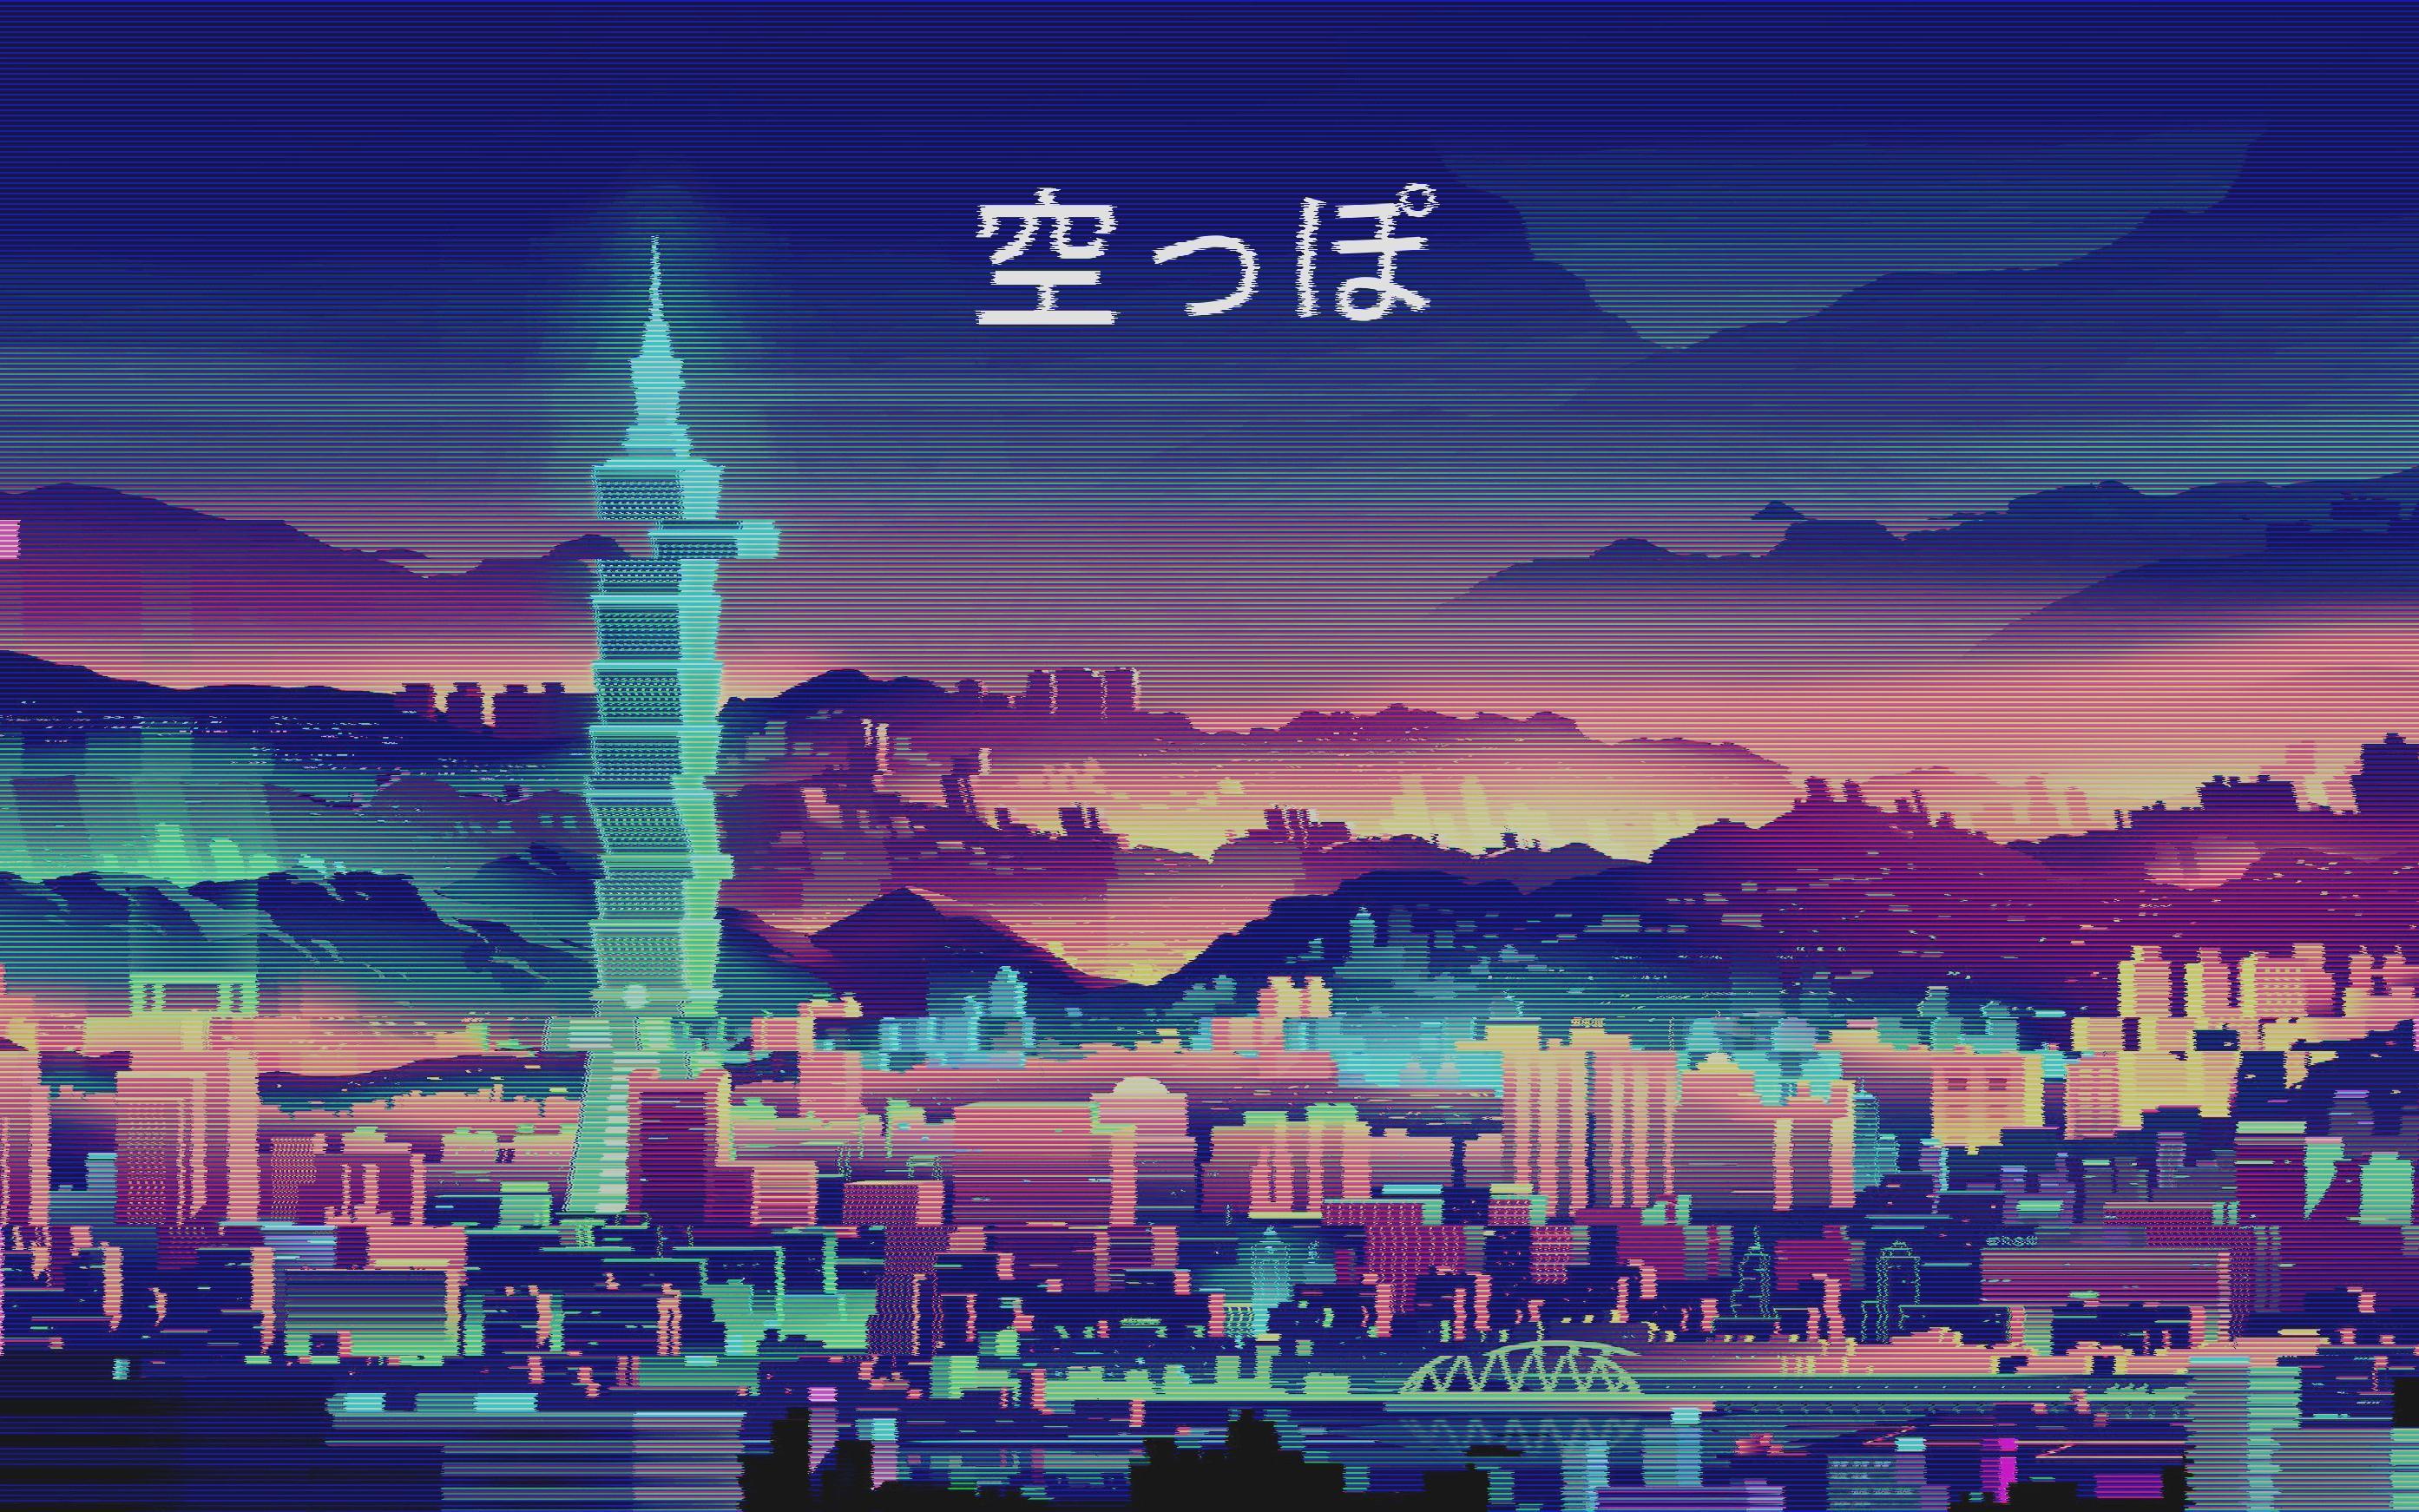 294549 aesthetic anime wallpaper